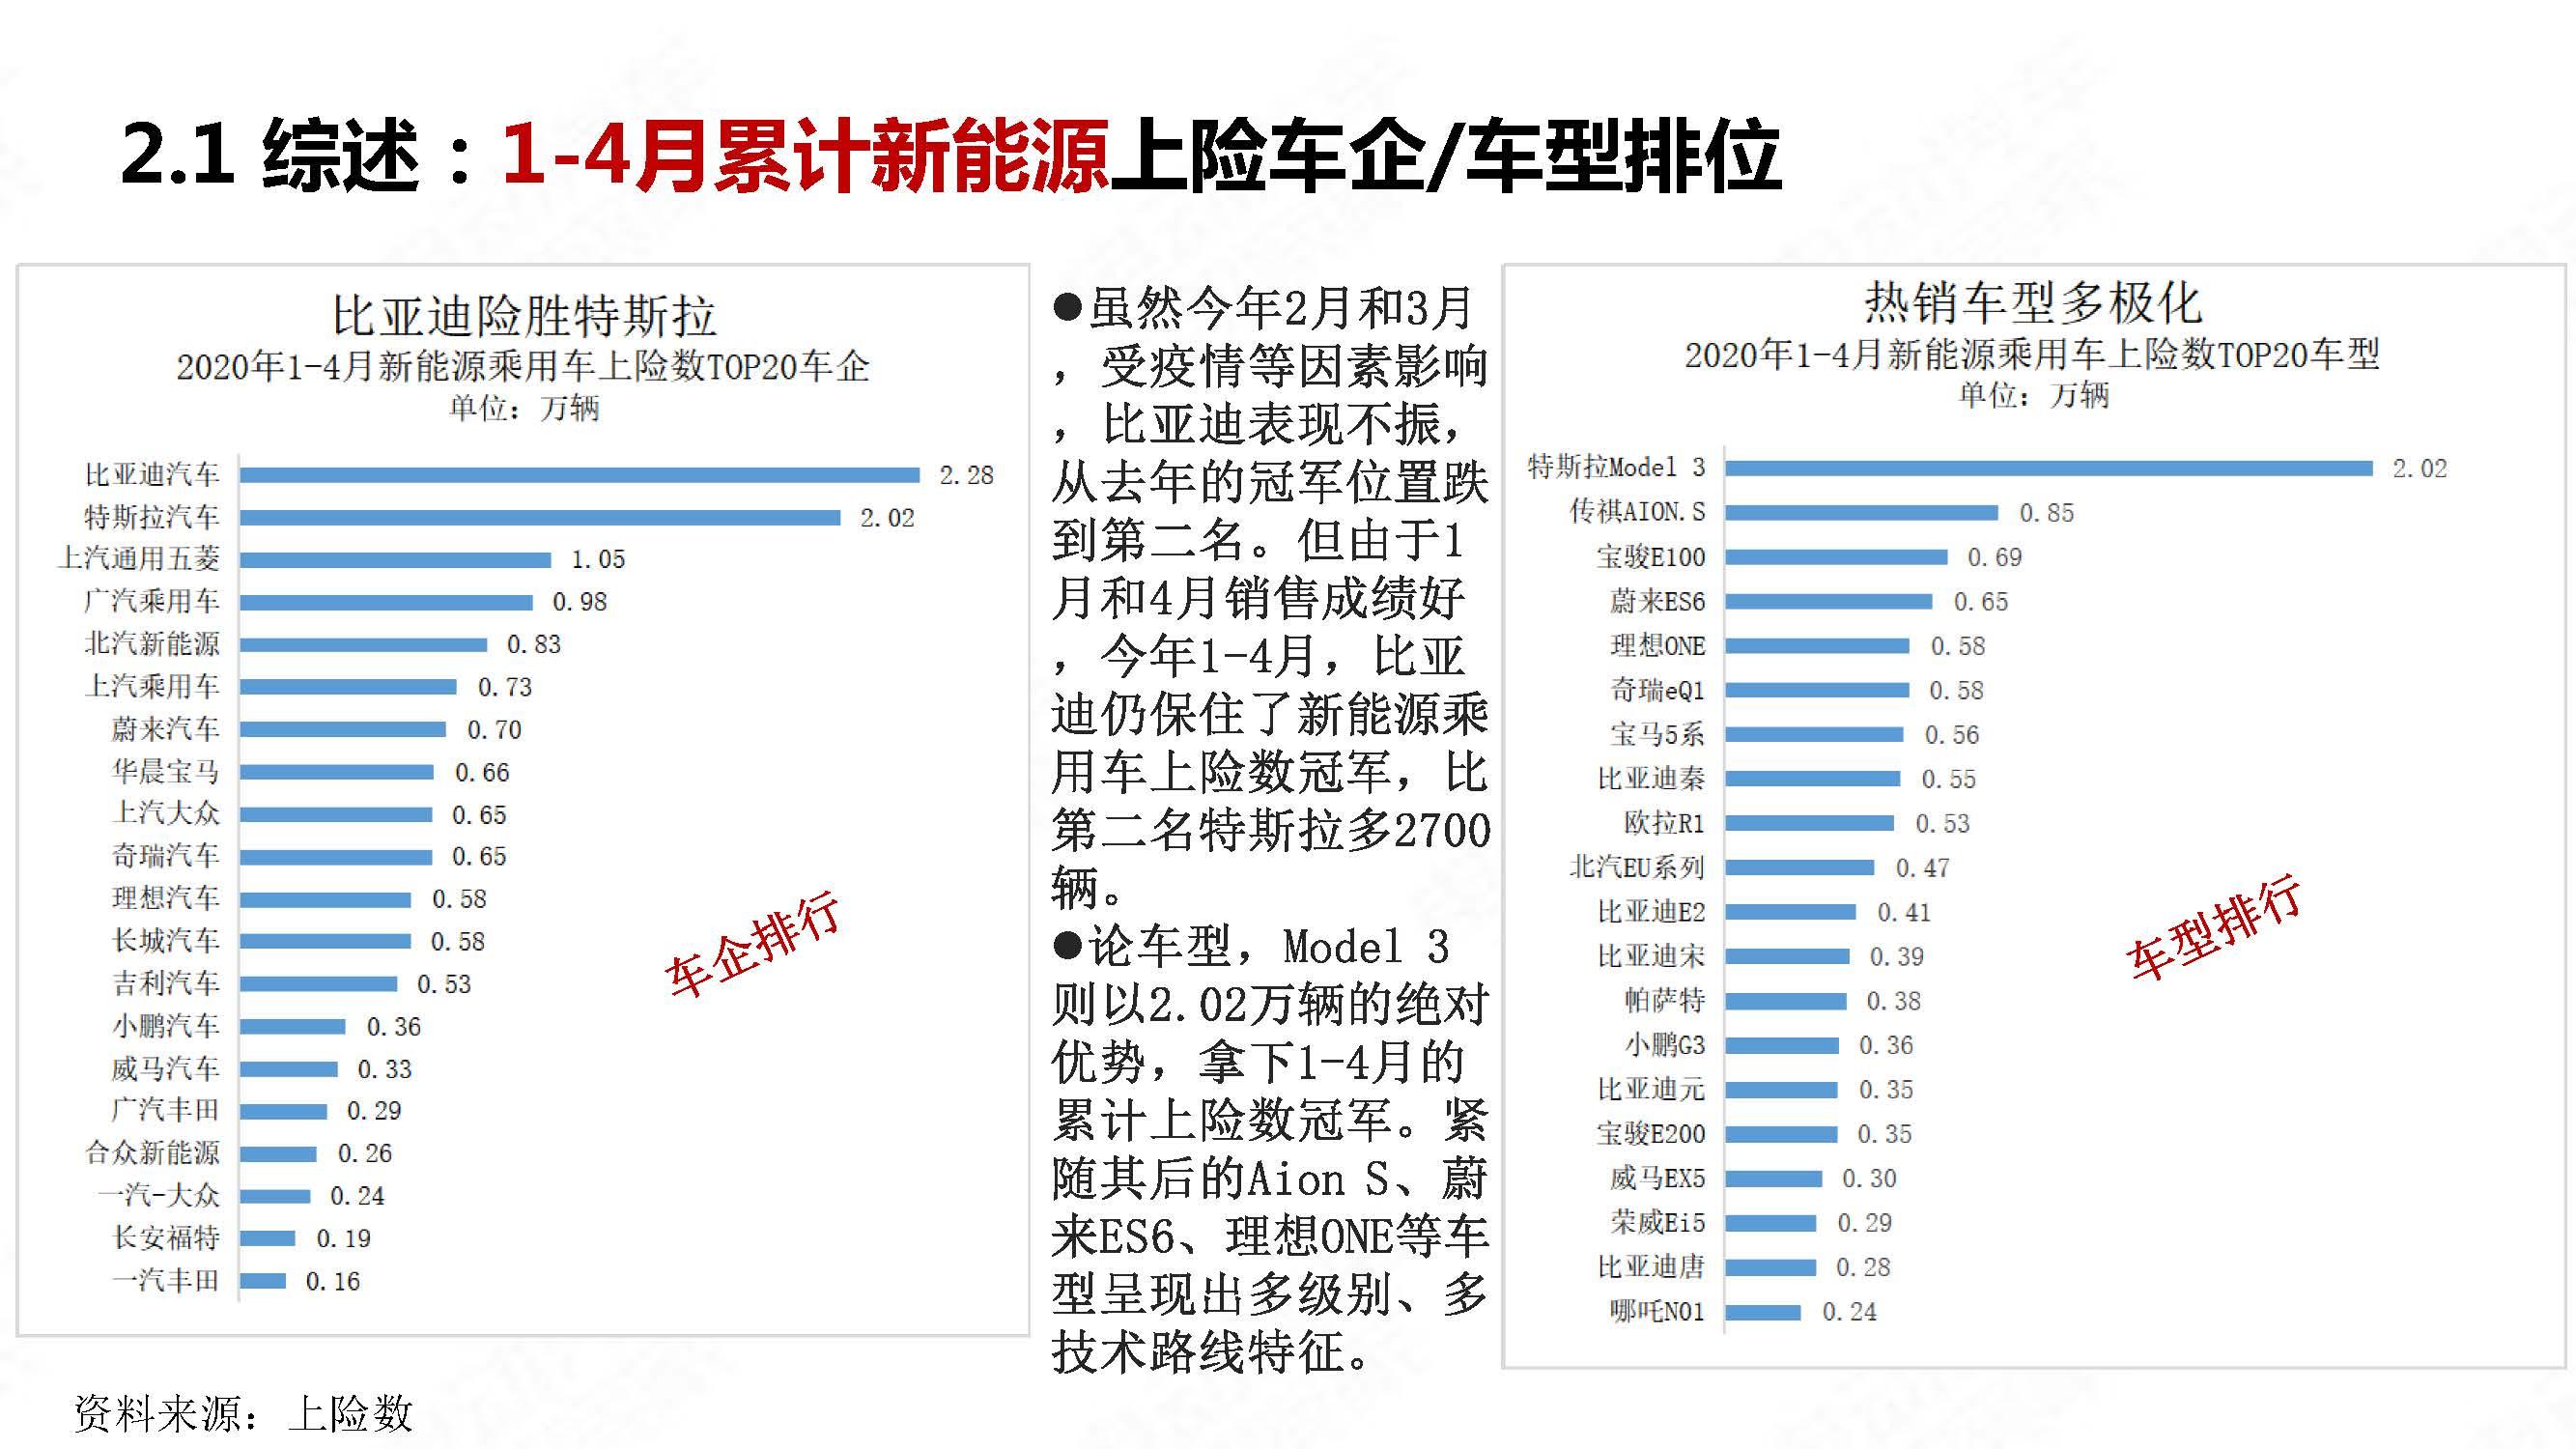 中国新能源汽车产业观察2020年4月简版_页面_12